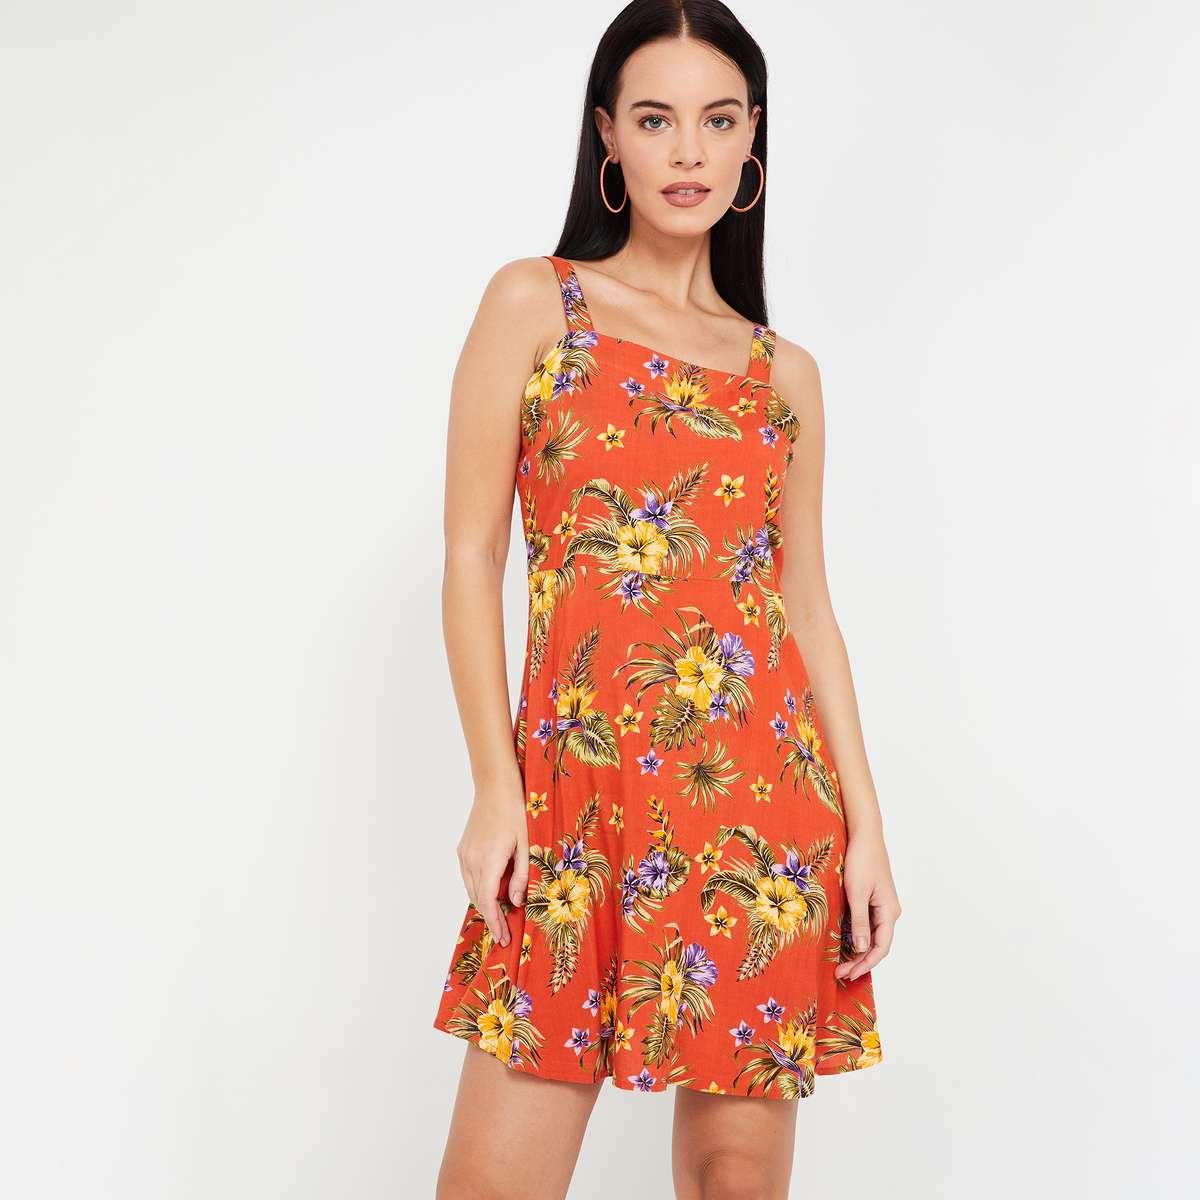 GINGER Floral Print A-line Dress